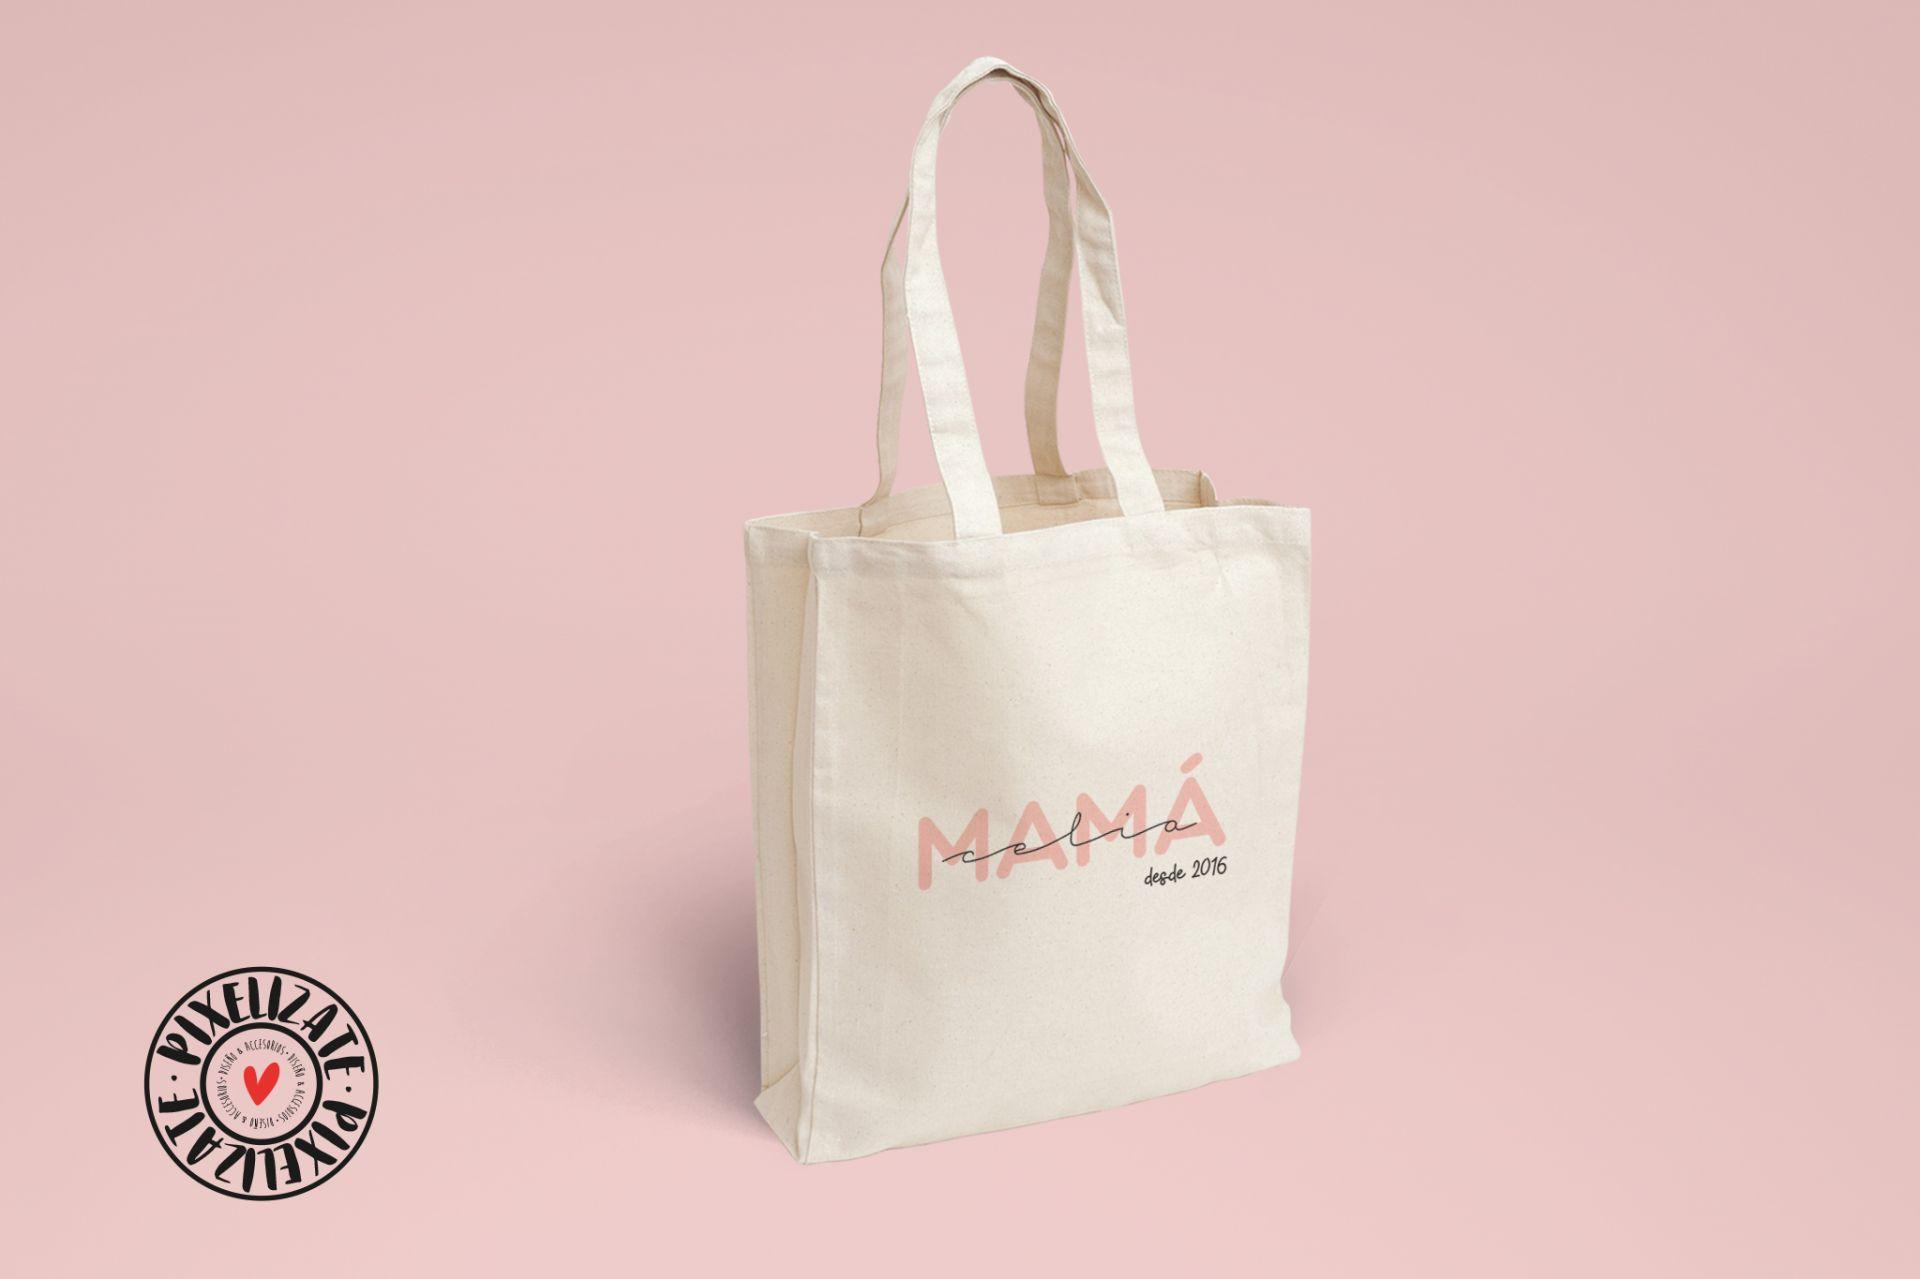 Bolsa de Tela Personalizada MAMÁ